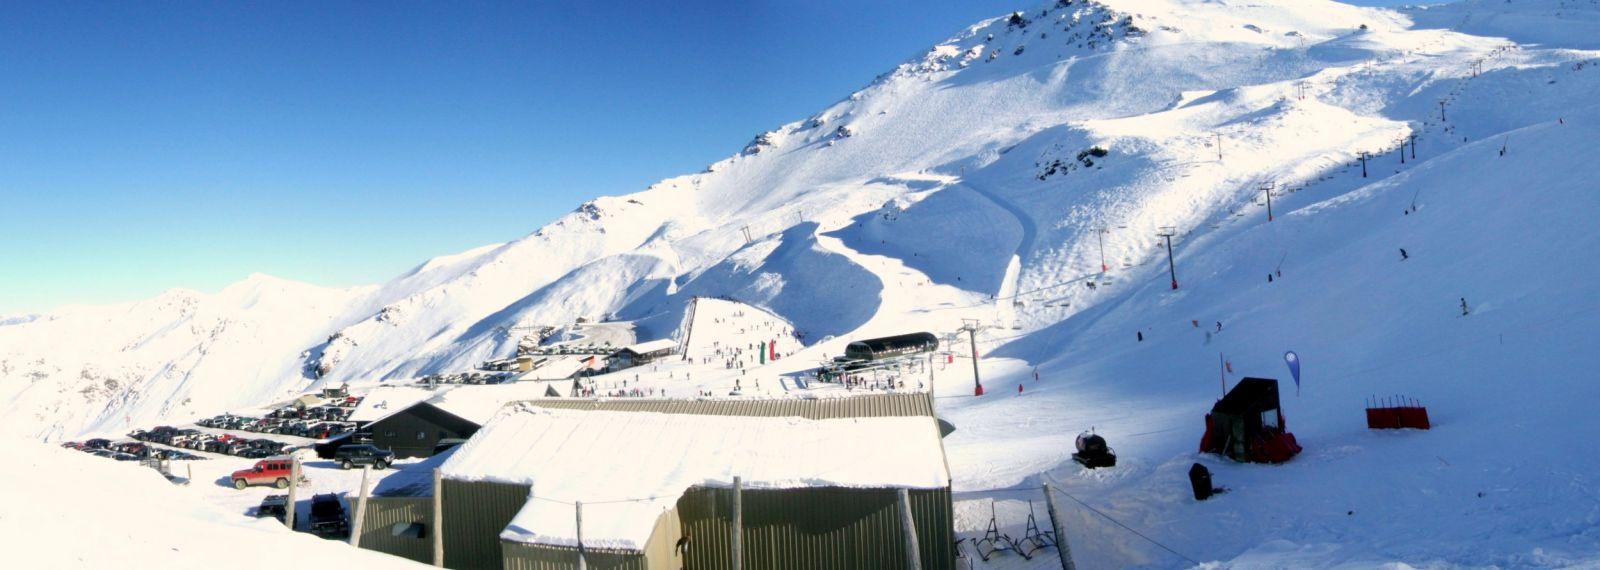 skiën nieuw-zeeland, skiën, nieuw-zeeland skiën, skiën in de zomer, skiën zomer bestemming,